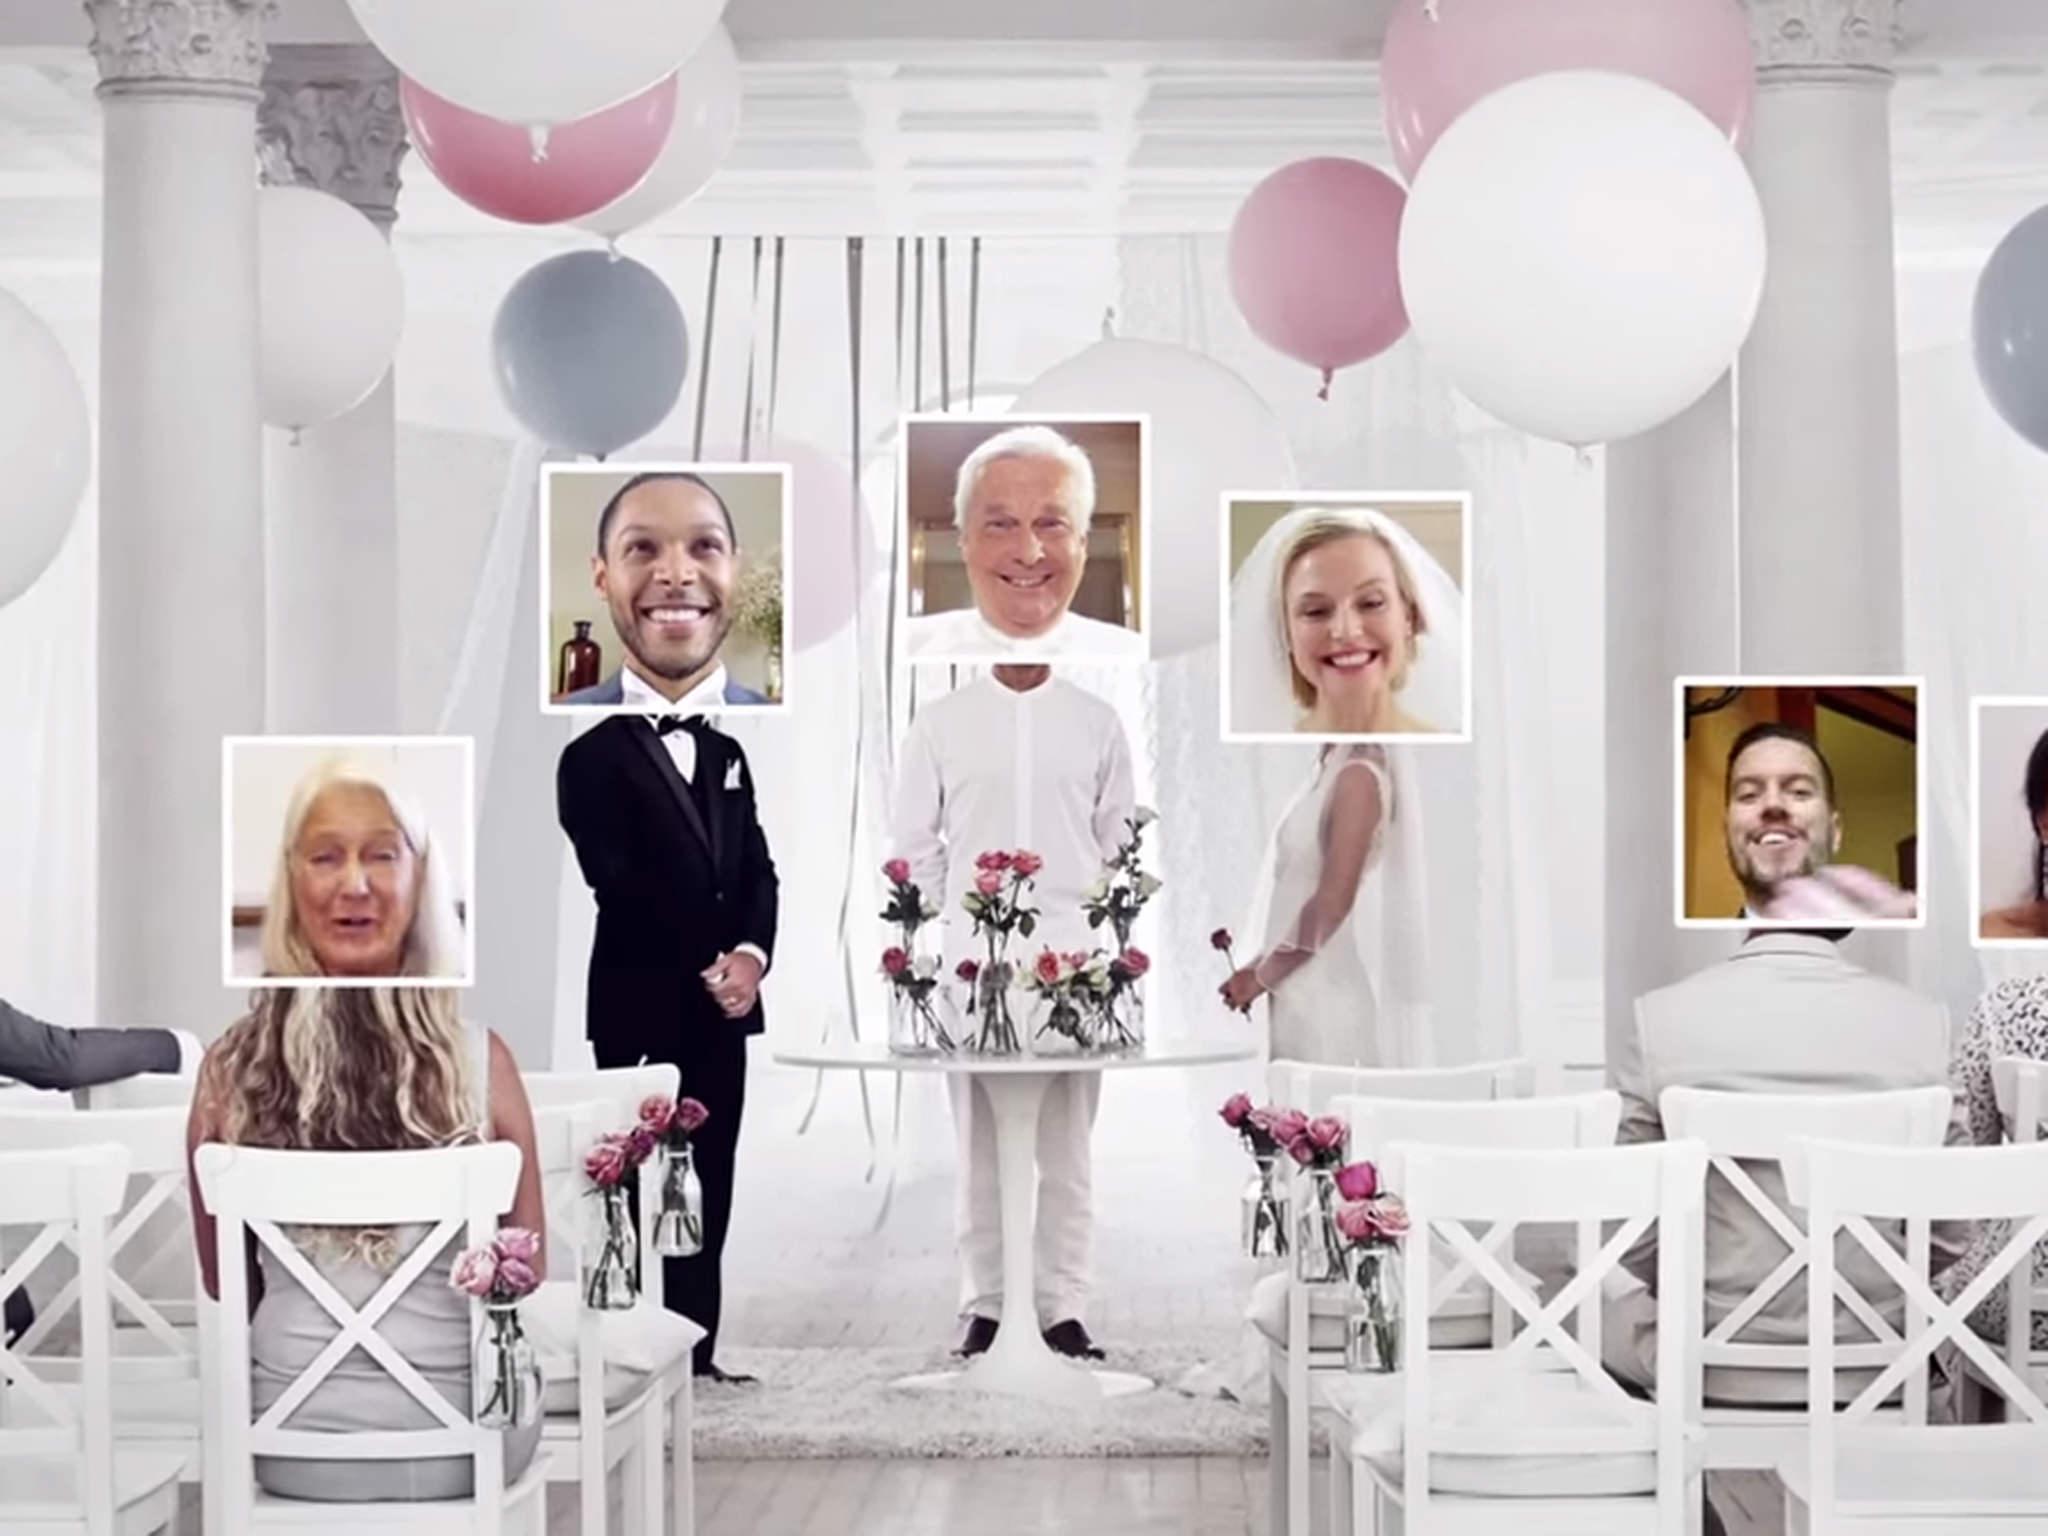 ikea-wedding